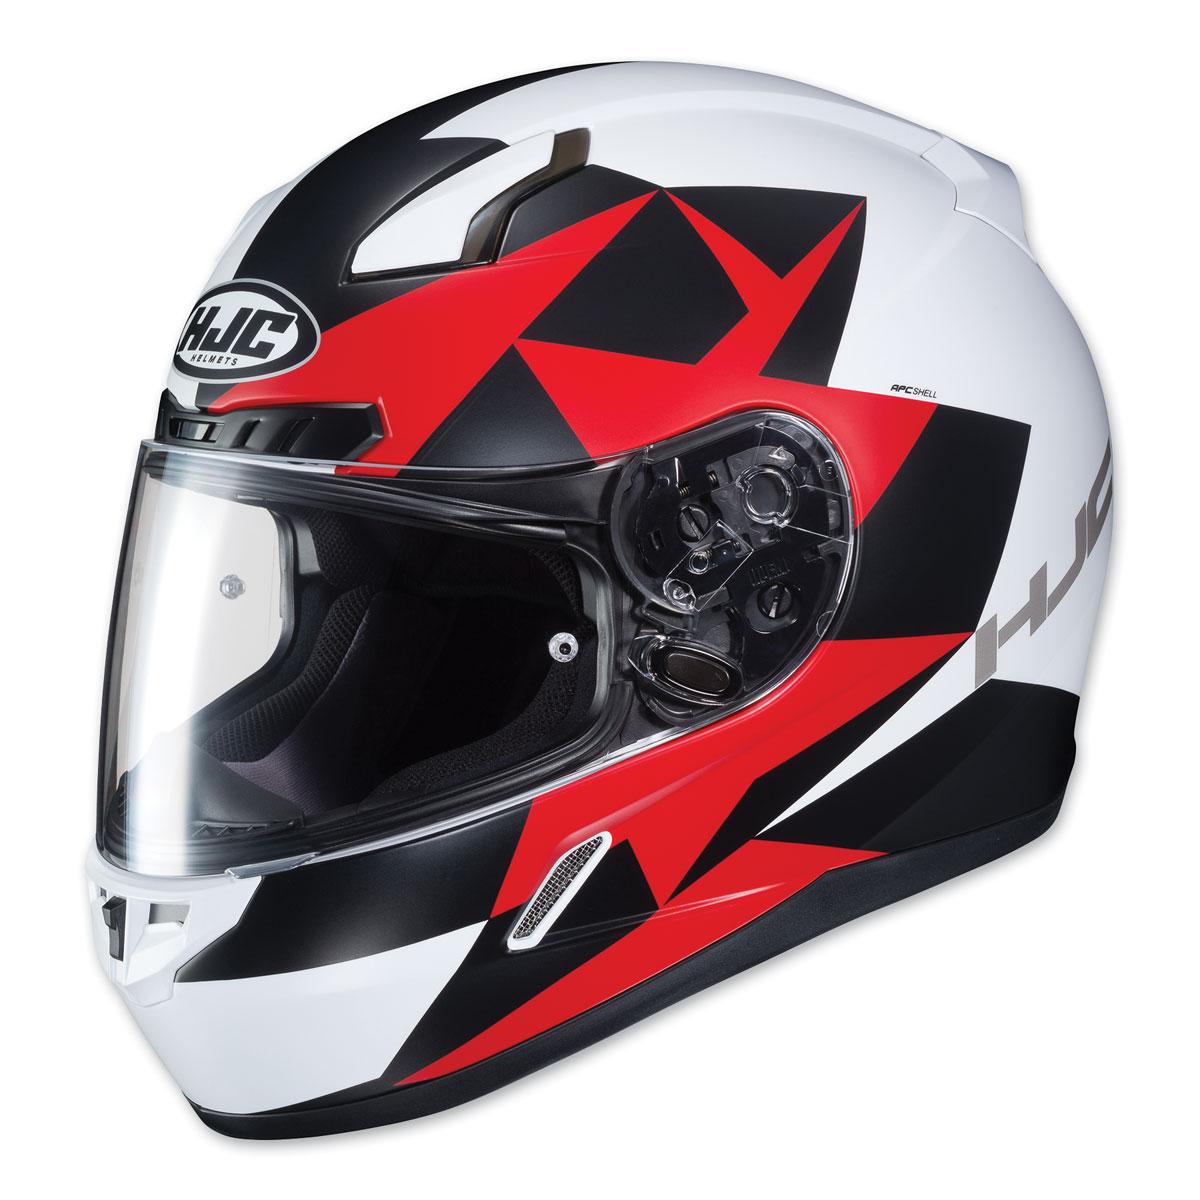 HJC CL-17 Ragua White/Black/Red Full Face Helmet